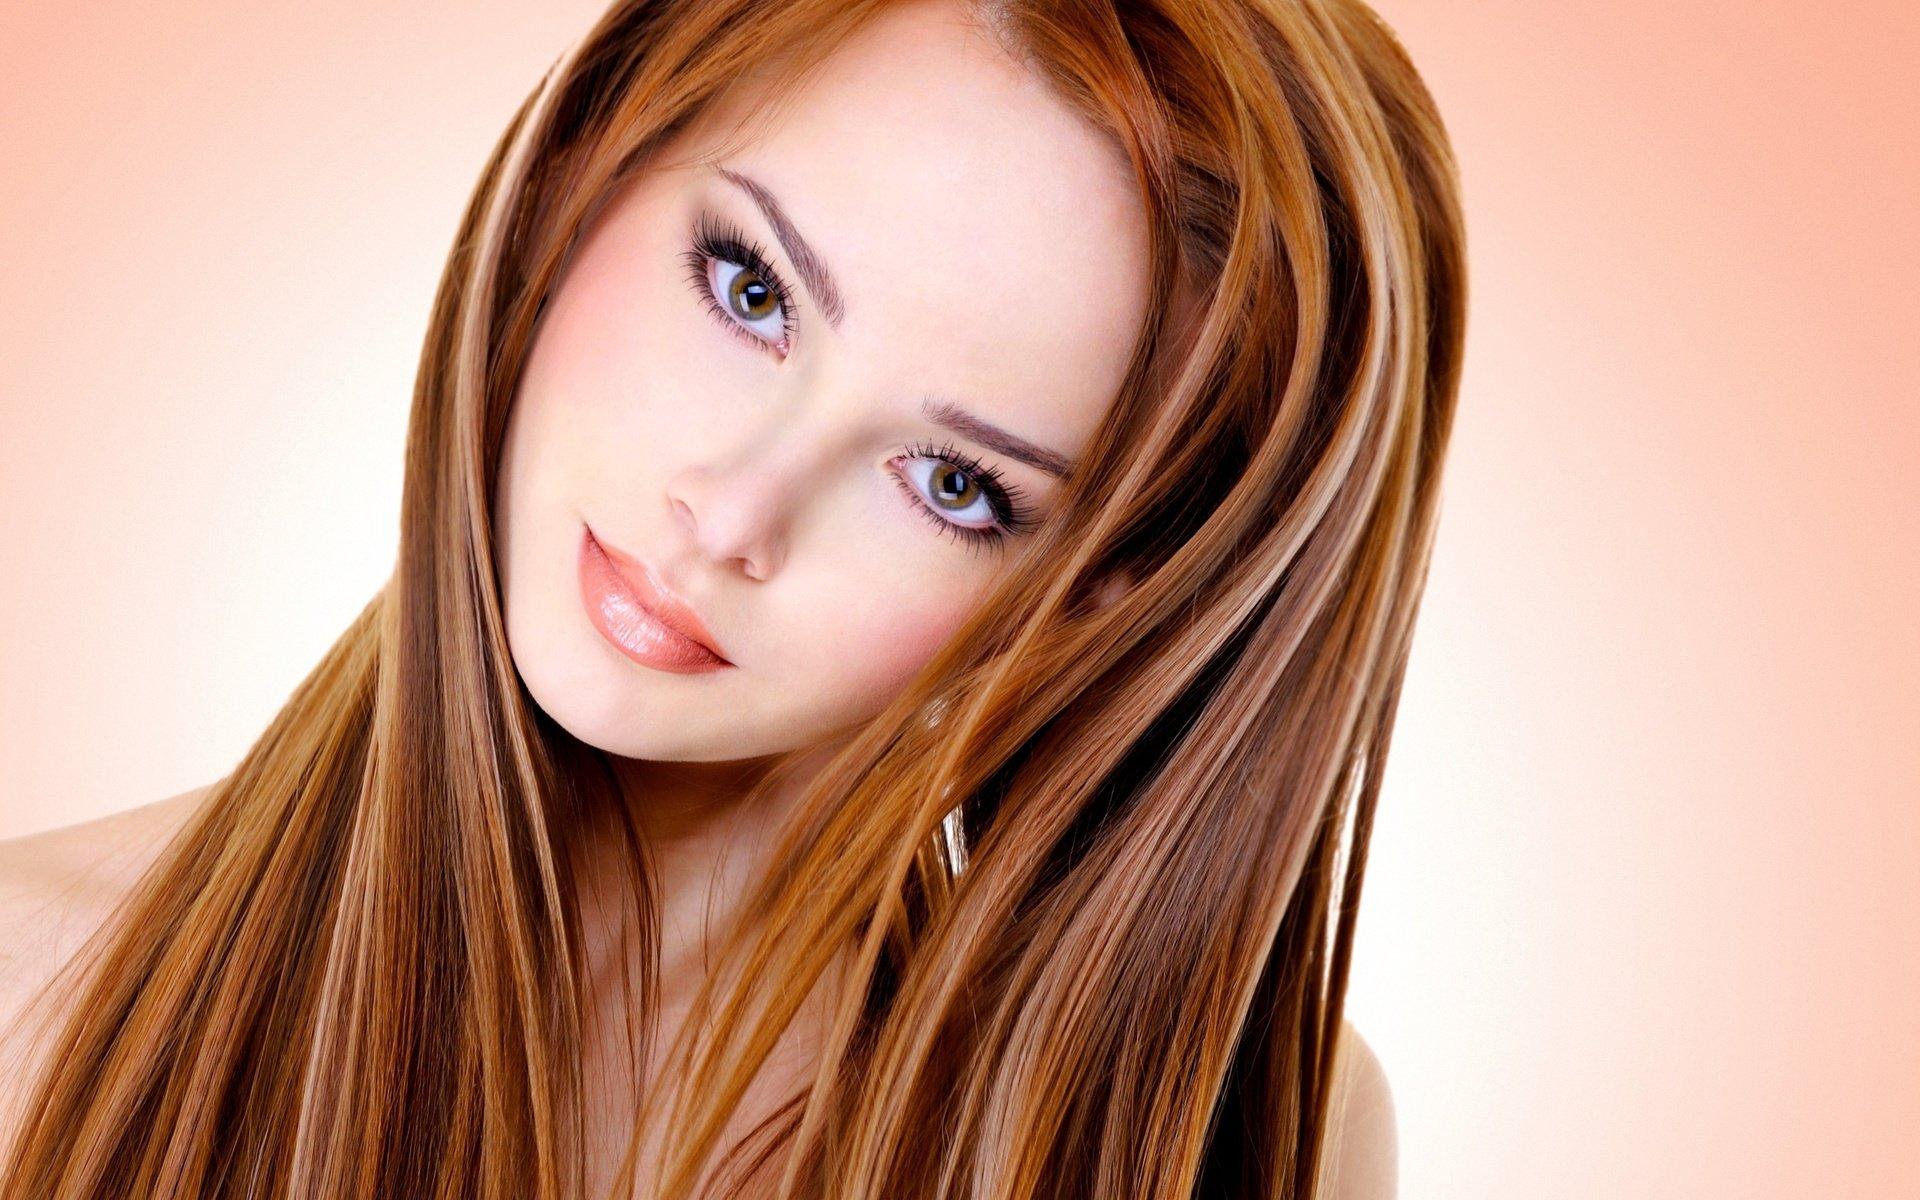 1111111212121 Мелирование на рыжие волосы: фото до и после, окрашивание на медный цвет, с челкой и без, на короткие, длинные, крашеные